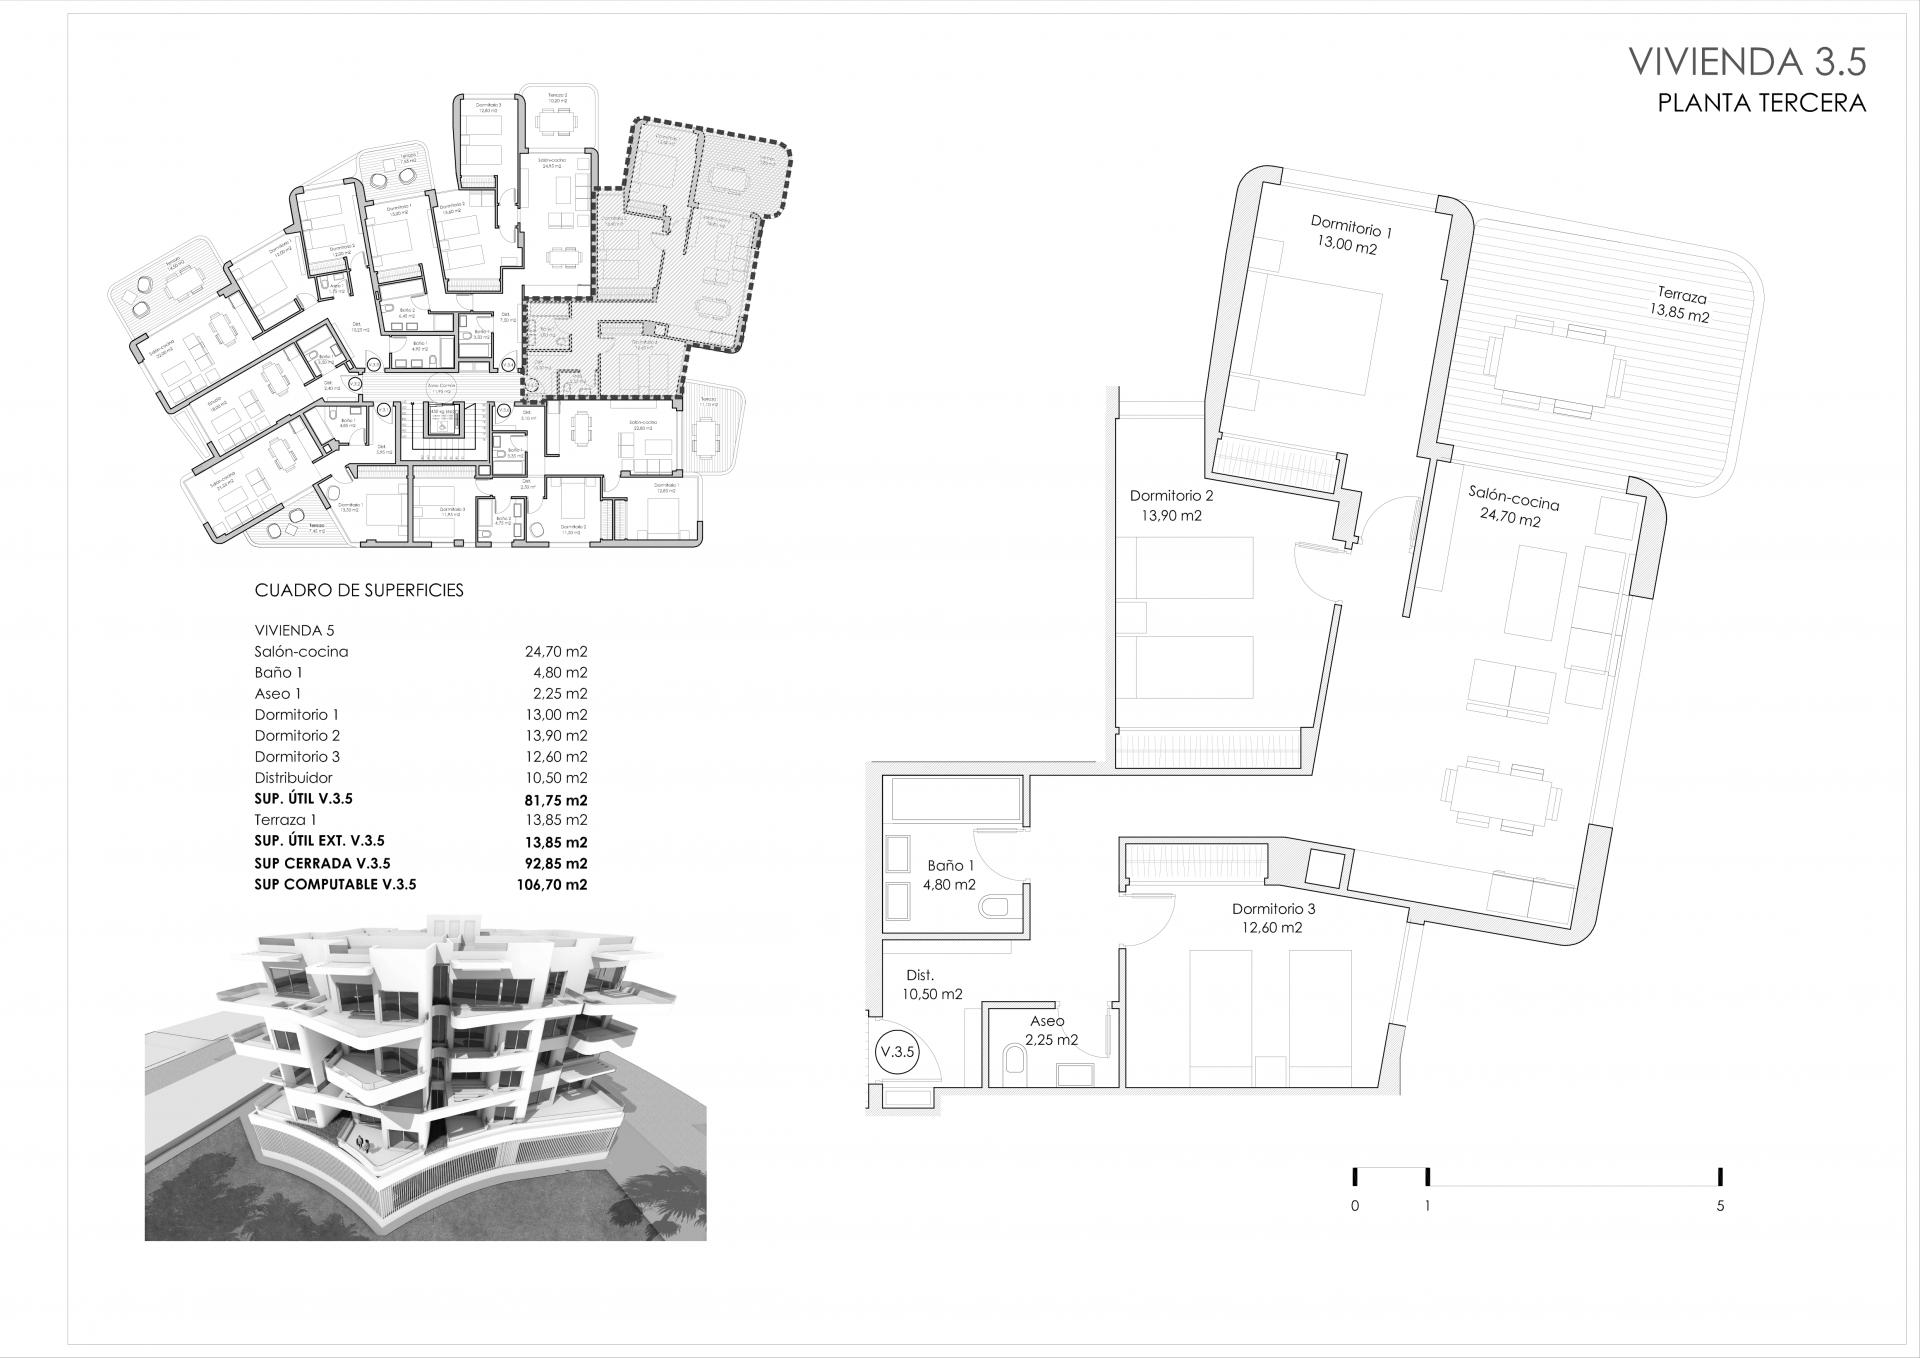 3.5 - Edificio Ventura Ocean View